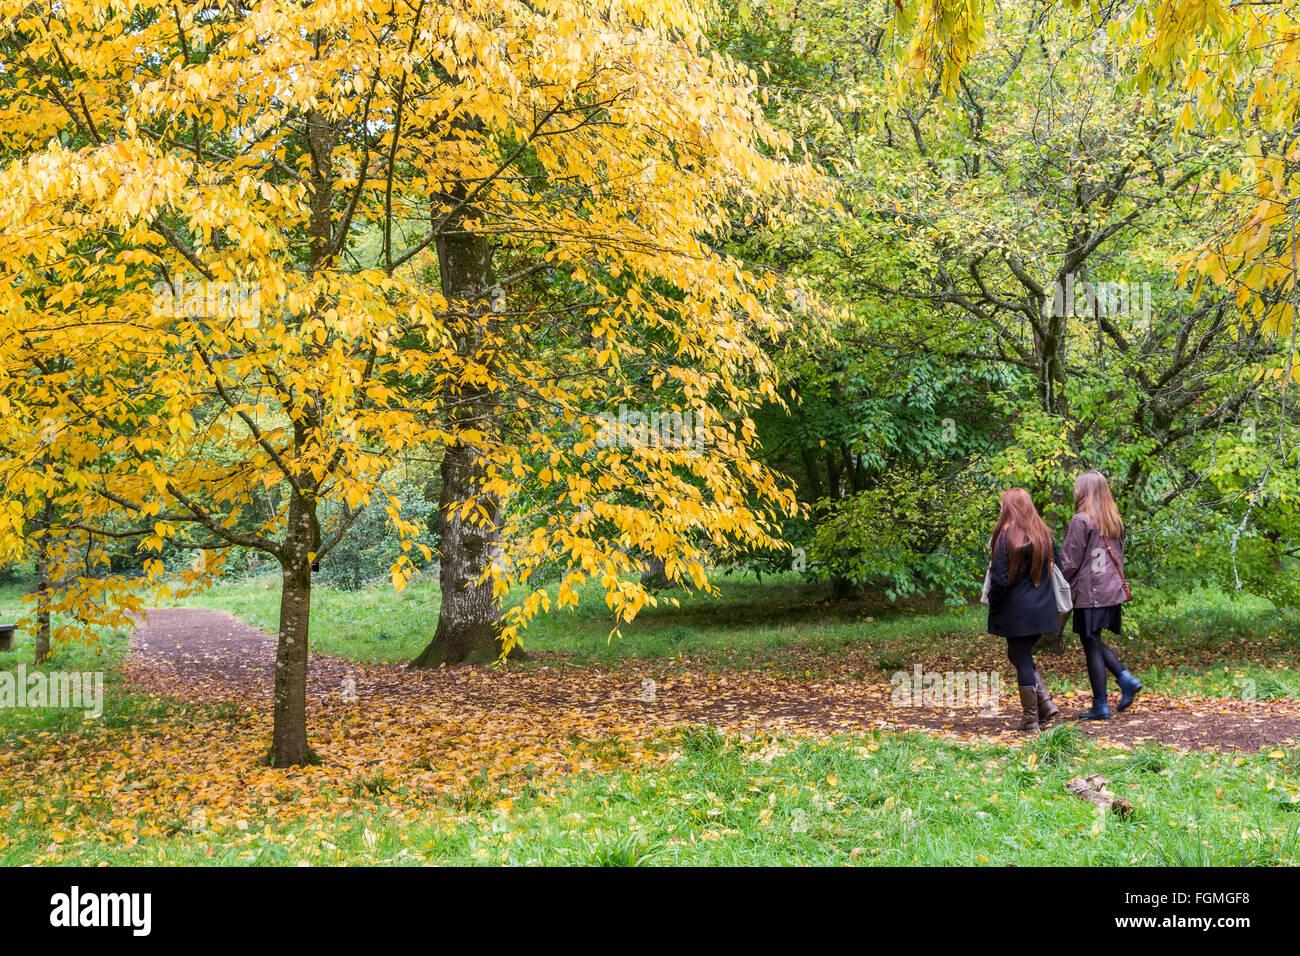 Two people walking on path through acers at Westonbirt Arboretum, Gloucestershire, Enhgland, UK - Stock Image